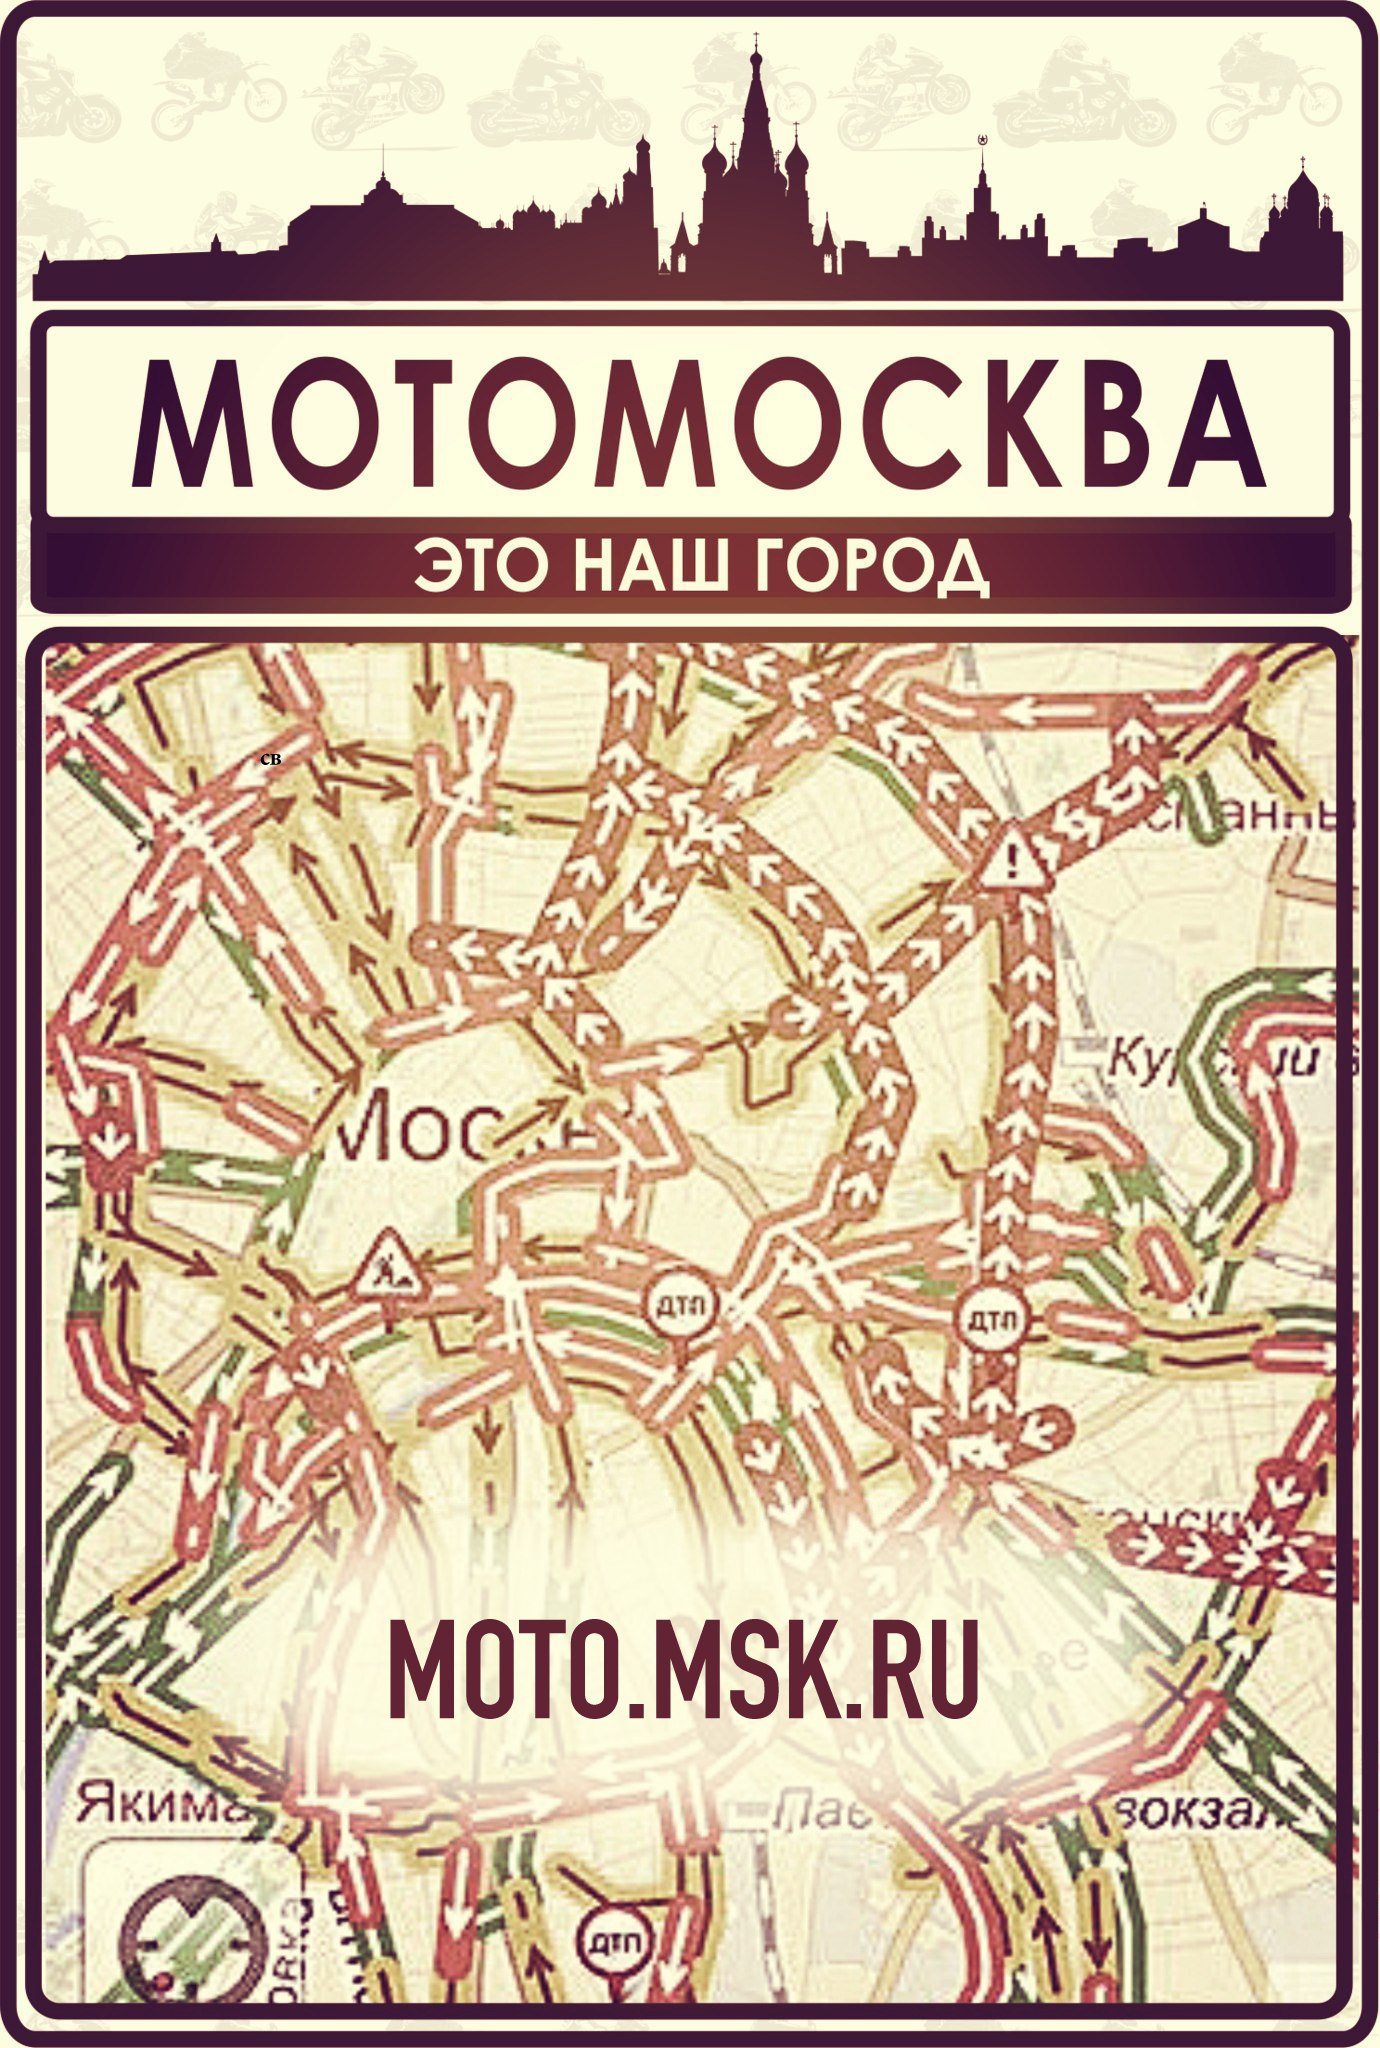 Сайт 5tea.ru